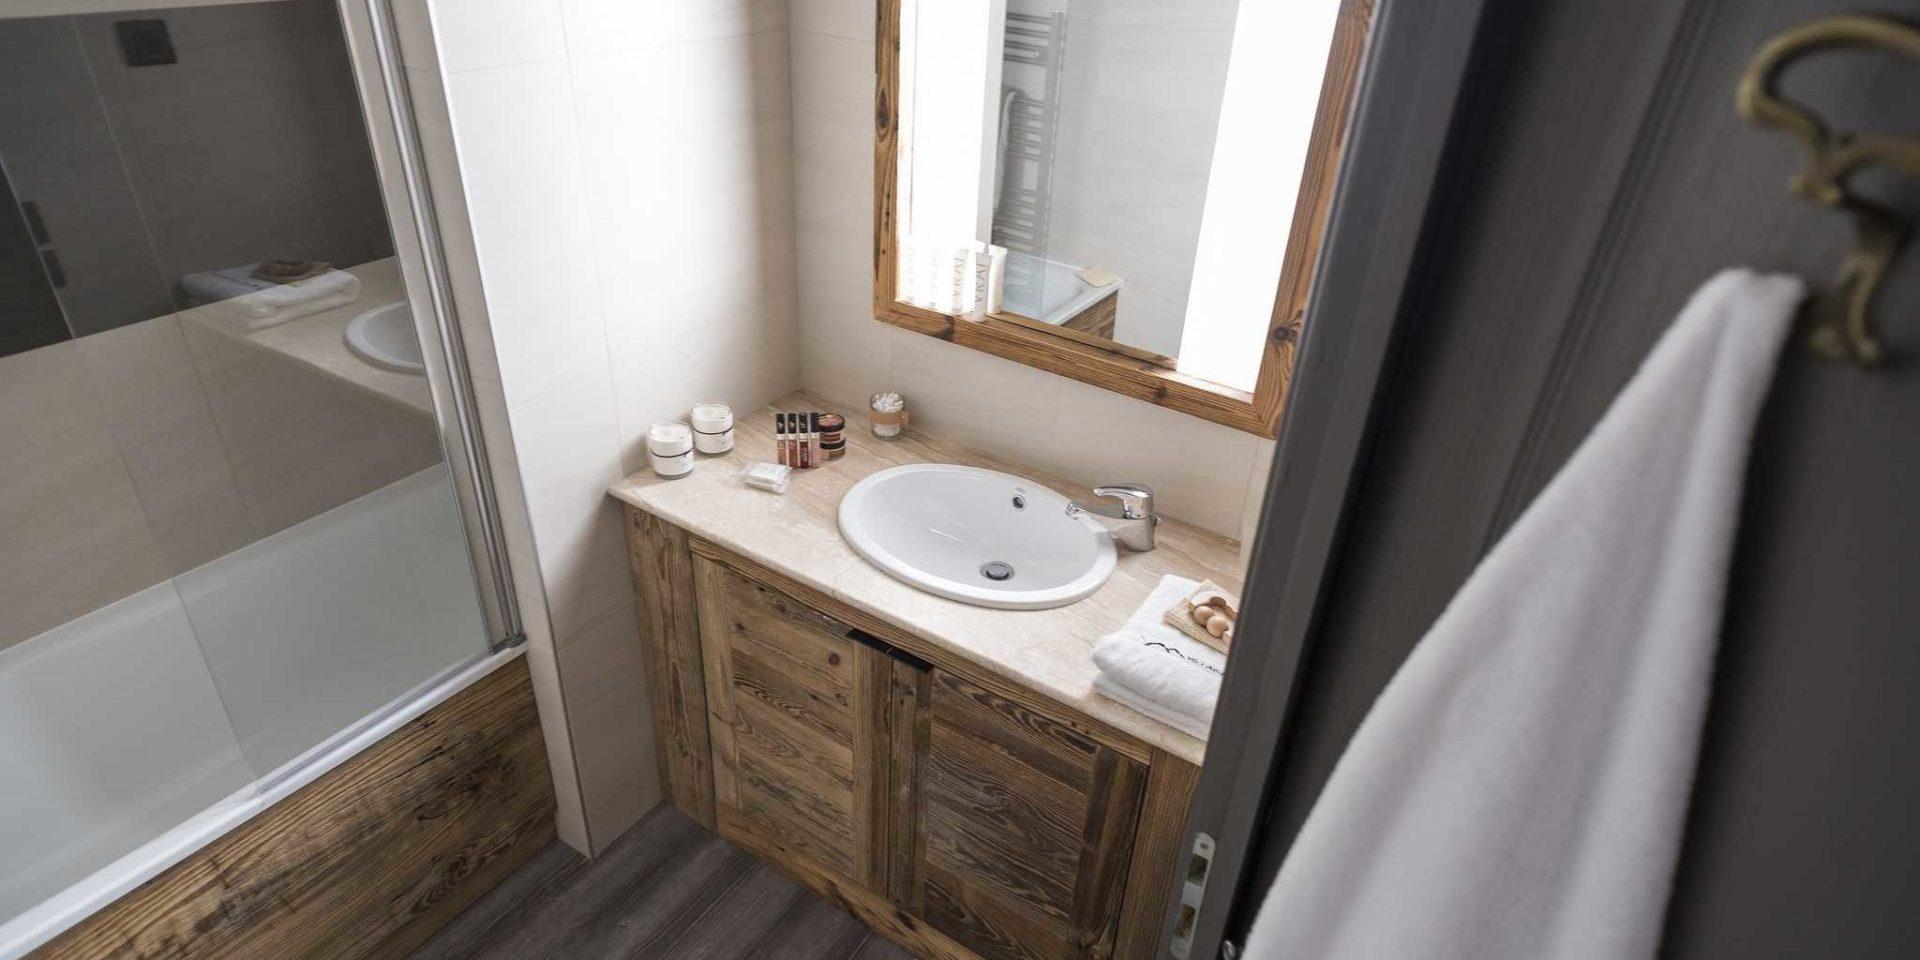 Hotel Village Montana Tignes Tignes-Val d'Isere Frankrijk wintersport skivakantie luxe badkamer bad wastafel spiegel handdoek badproducten